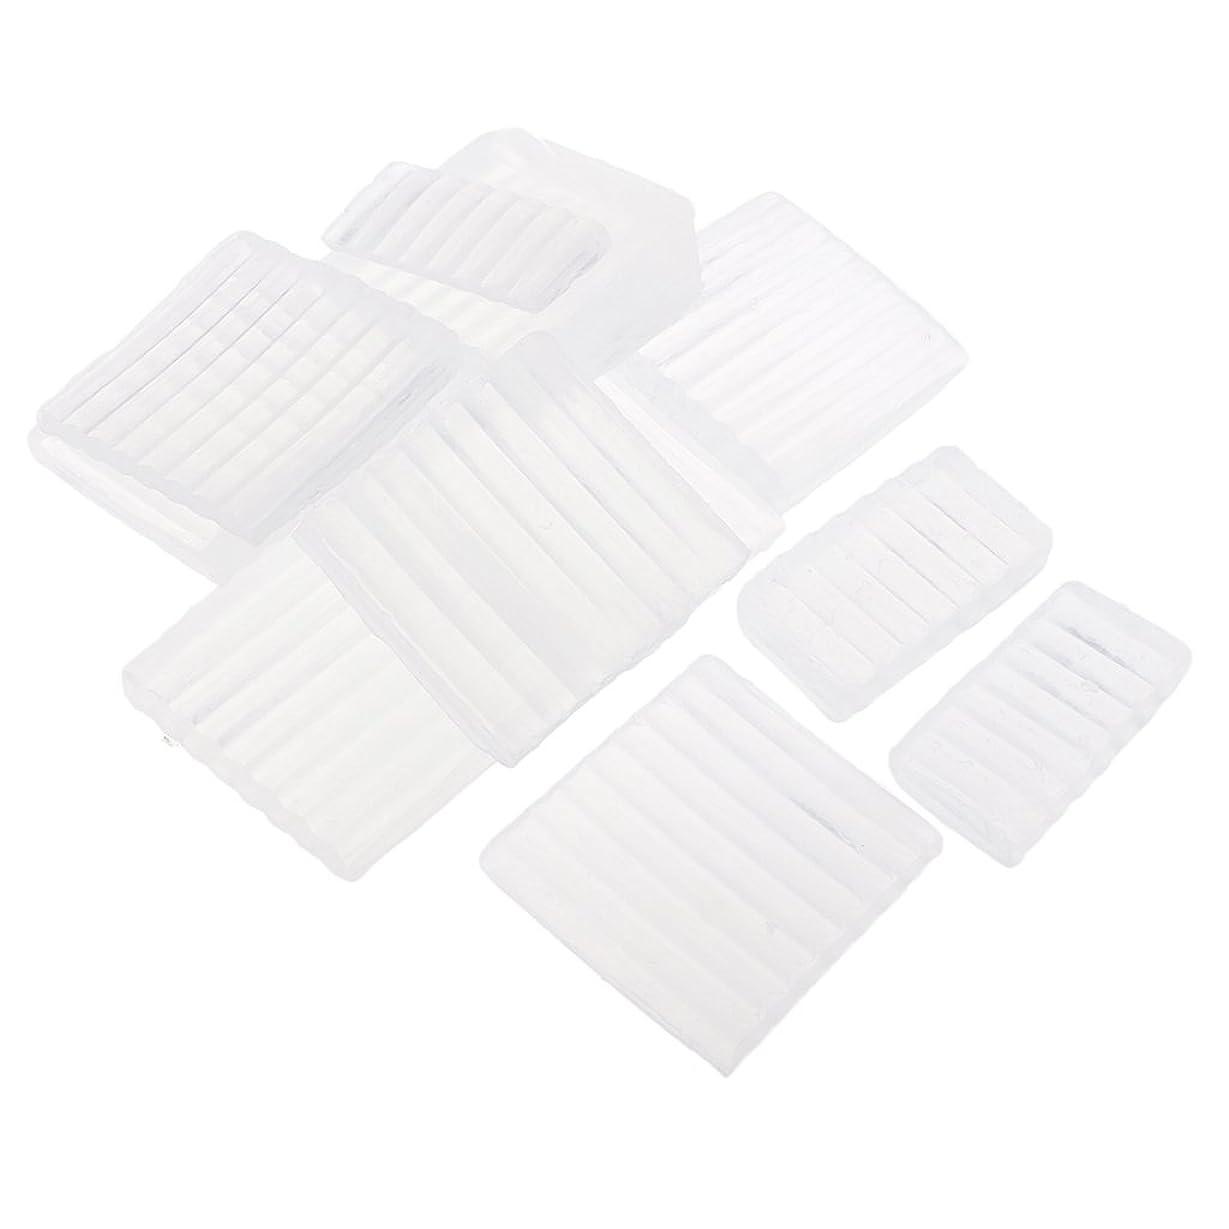 ずっと縫うパーク透明 石鹸ベース せっけん DIY 手作り 石鹸作り 材料 白い石鹸ベース